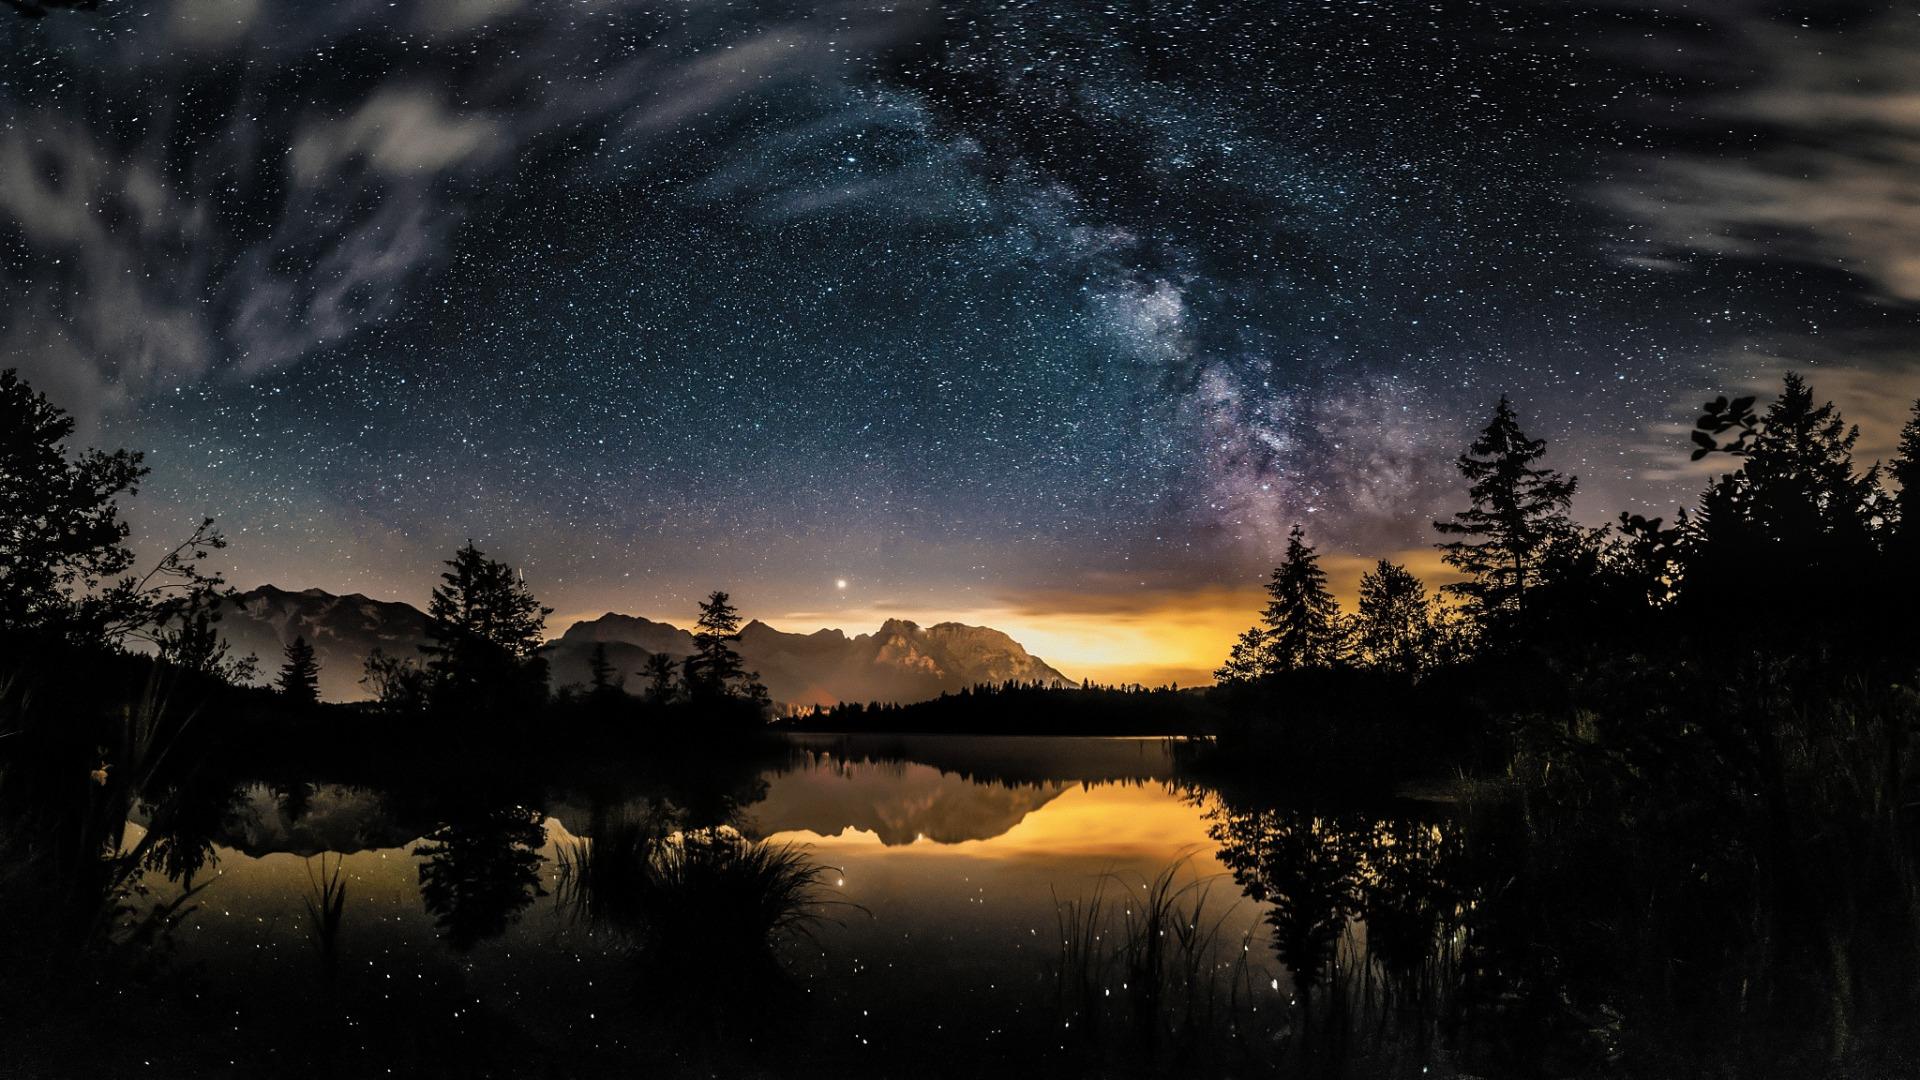 Звездное небо у реки картинки